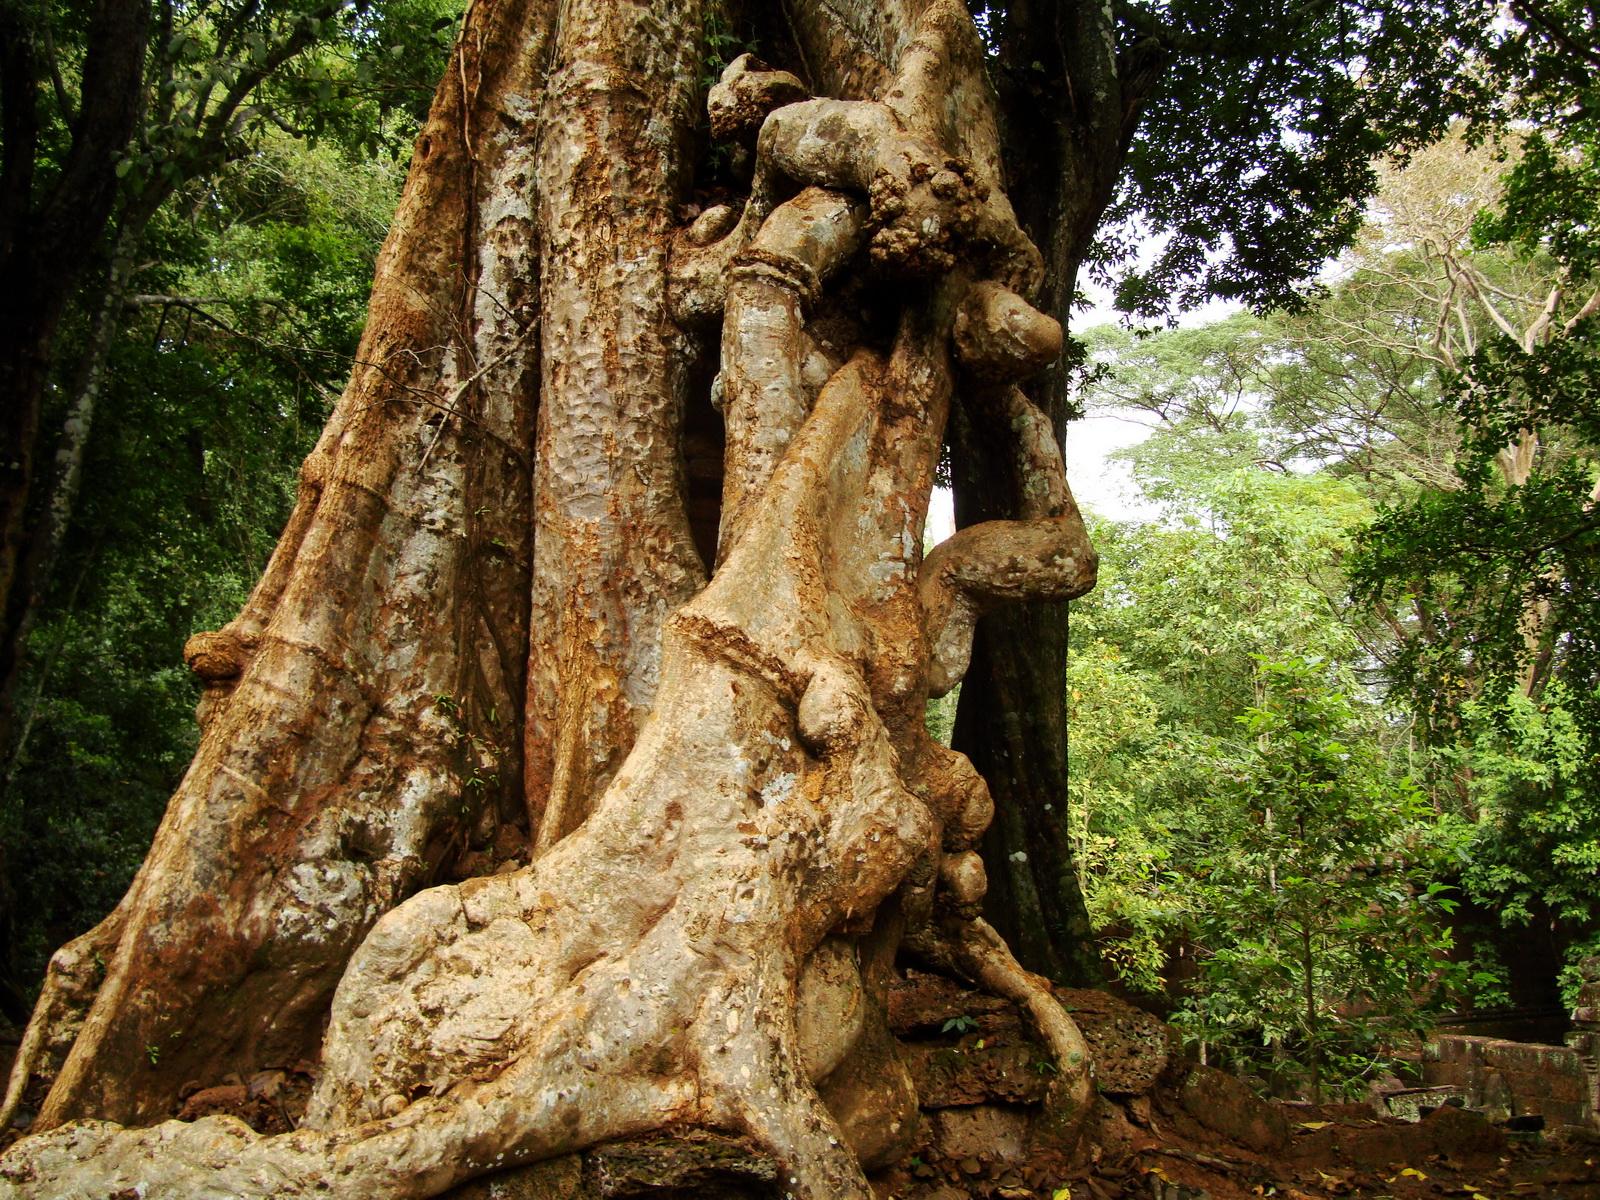 Royal Palace giant trees Angkor Cambodia Jan 2010 16